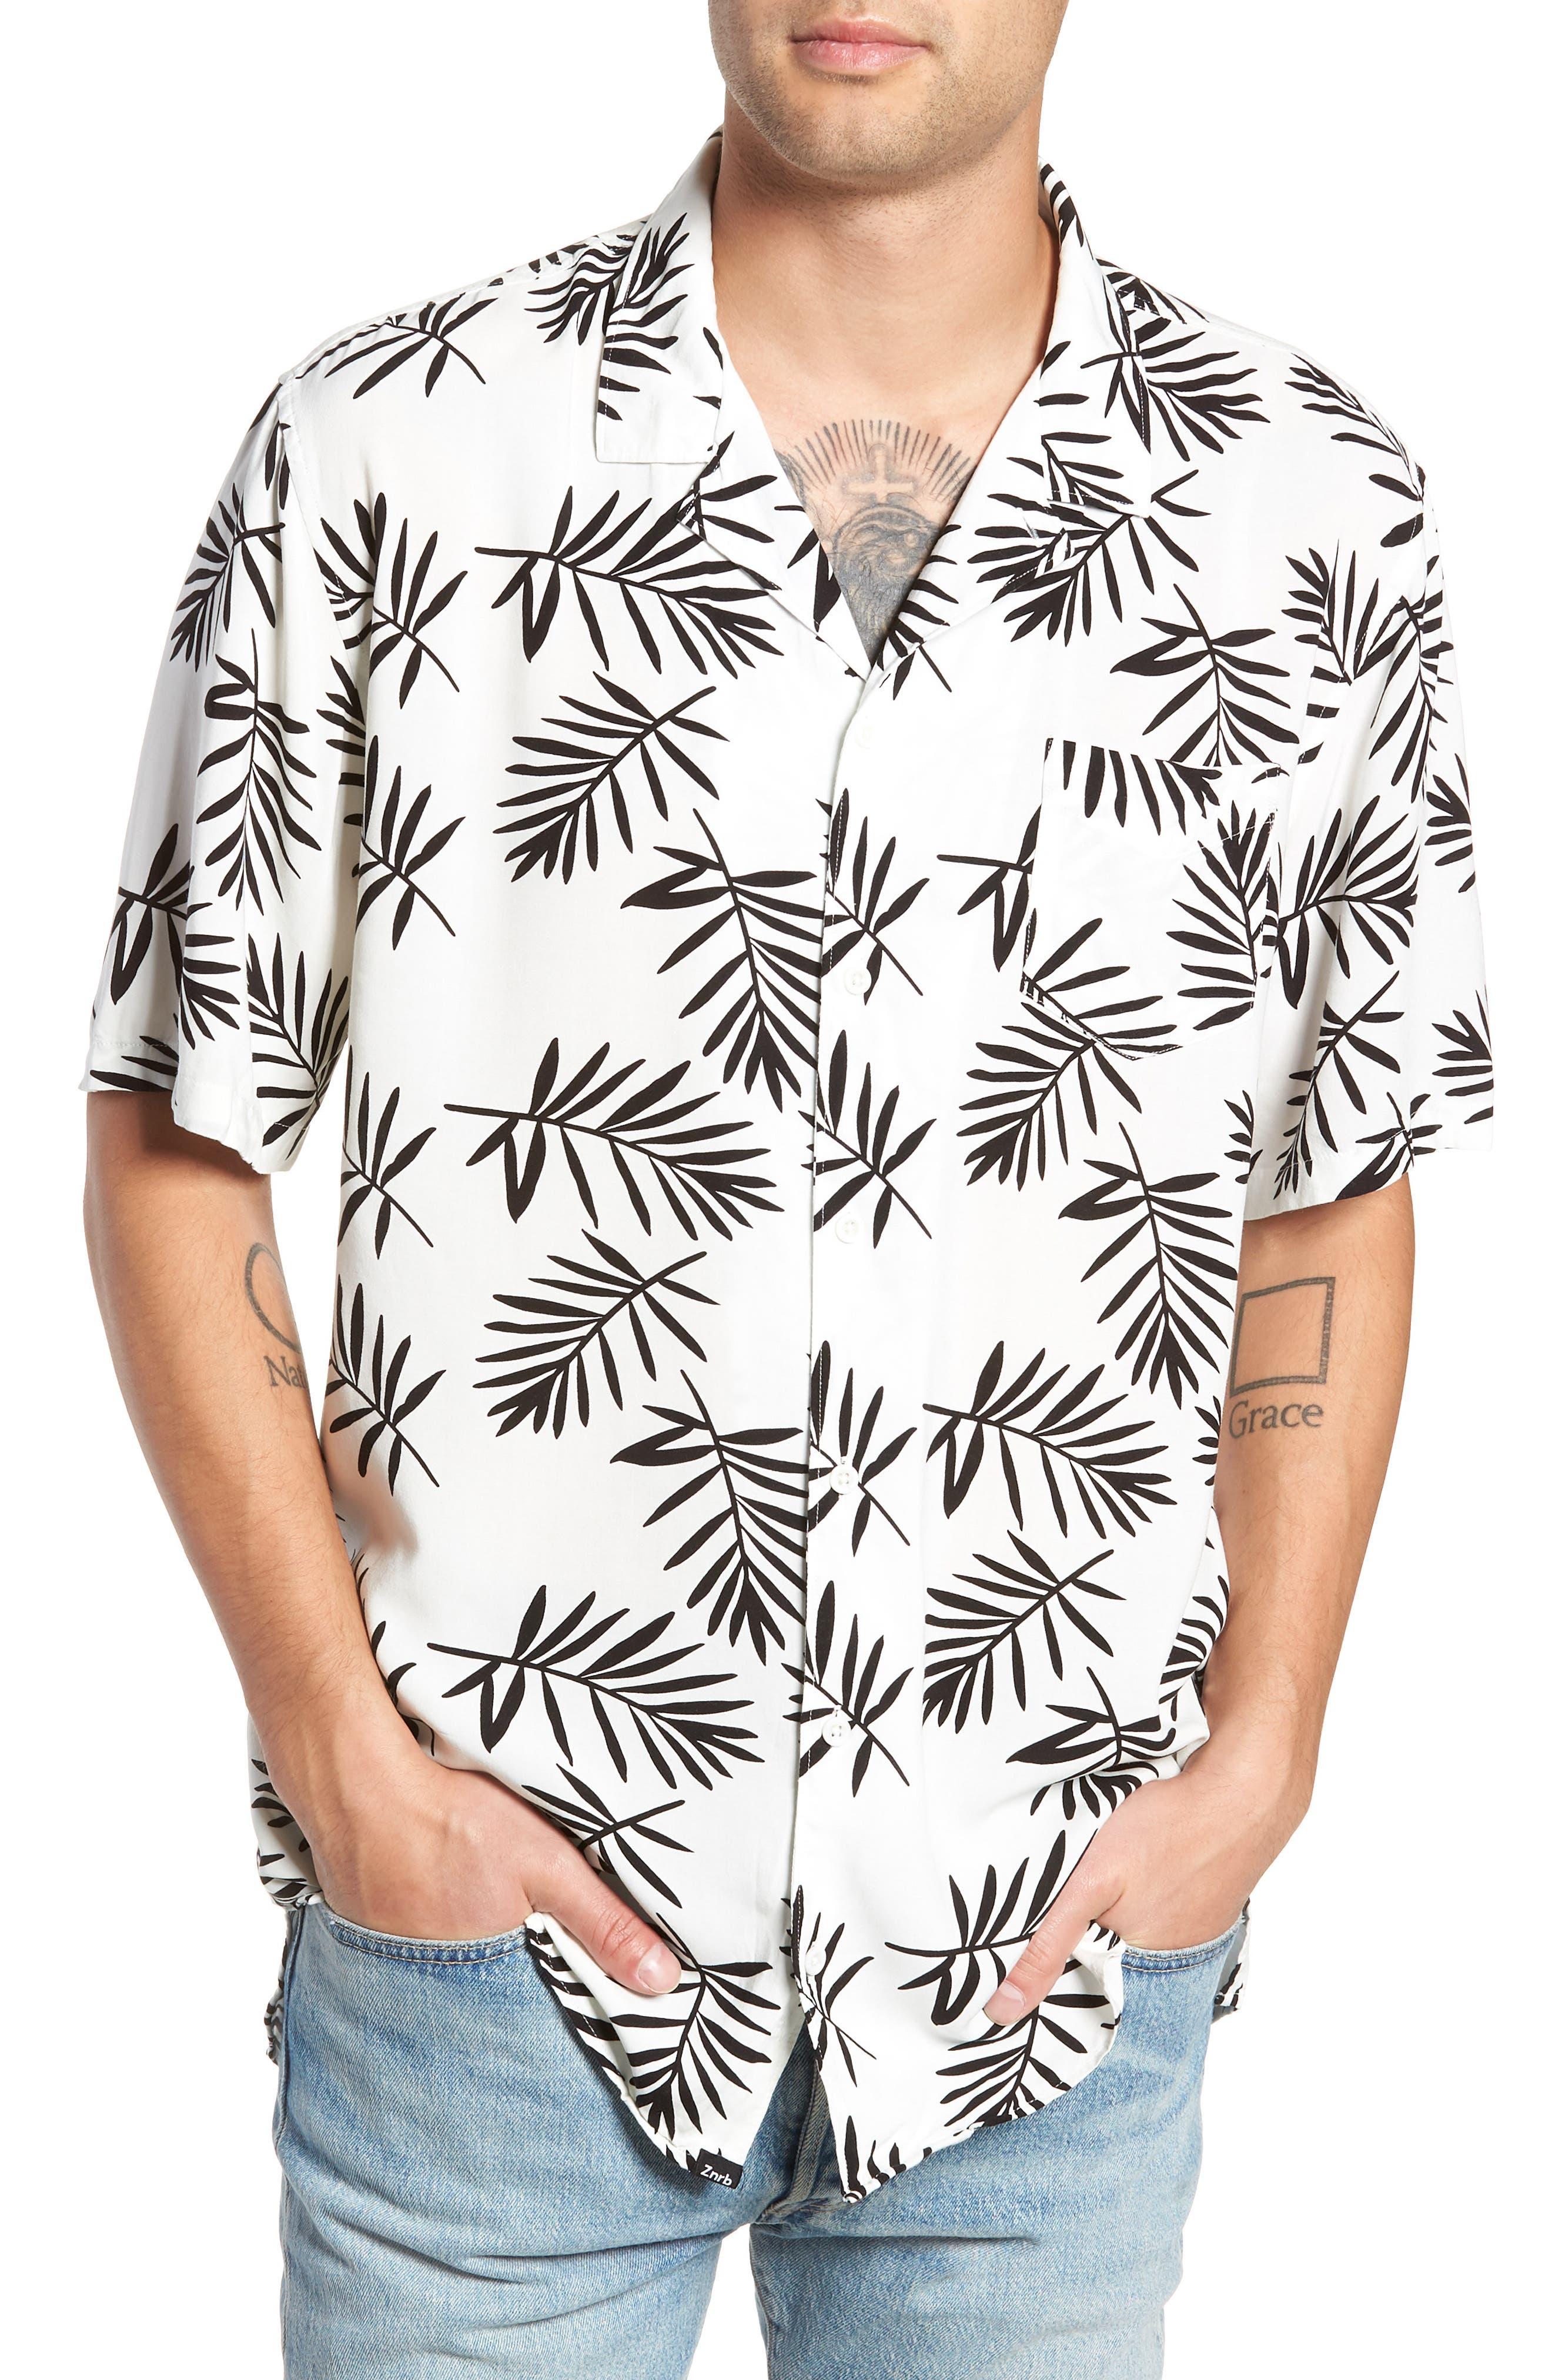 Paradise Short Sleeve Shirt,                             Main thumbnail 1, color,                             NAVY